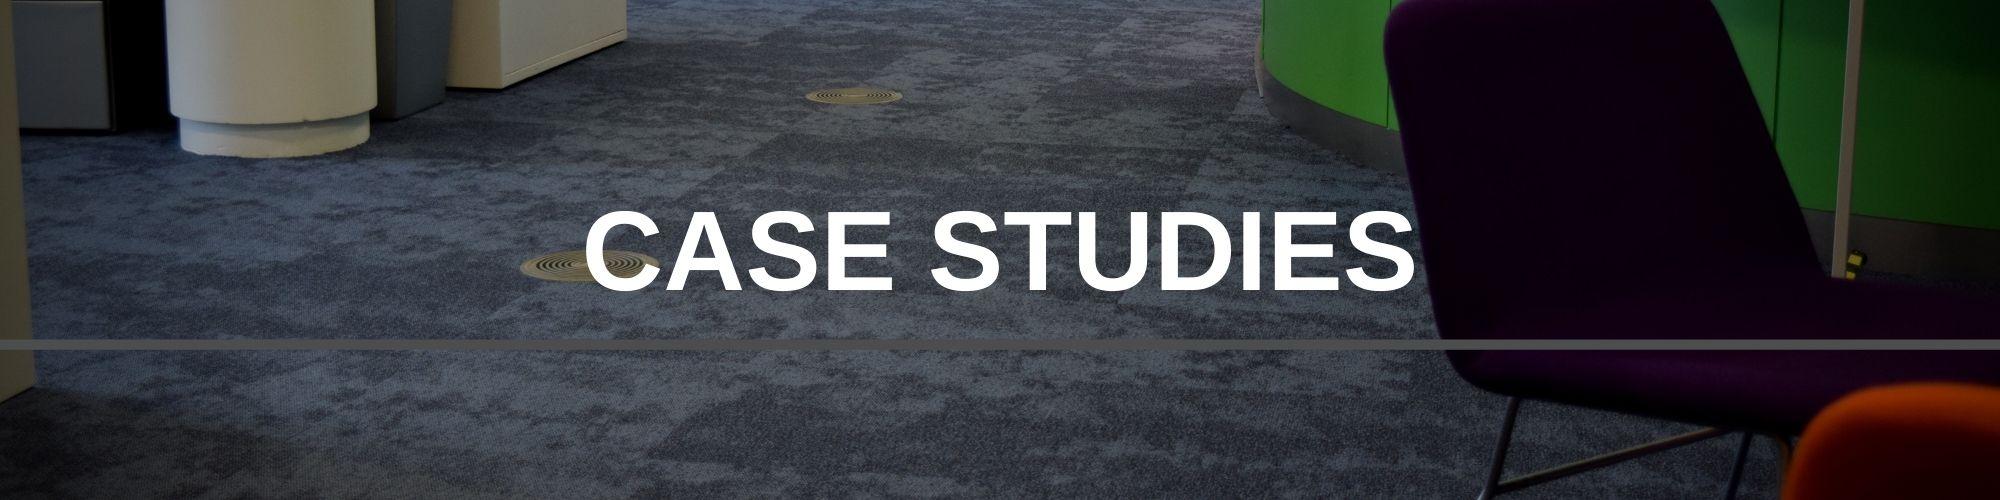 CASE STUDIES | Paragon Carpet Tiles | Commercial Carpet Tiles